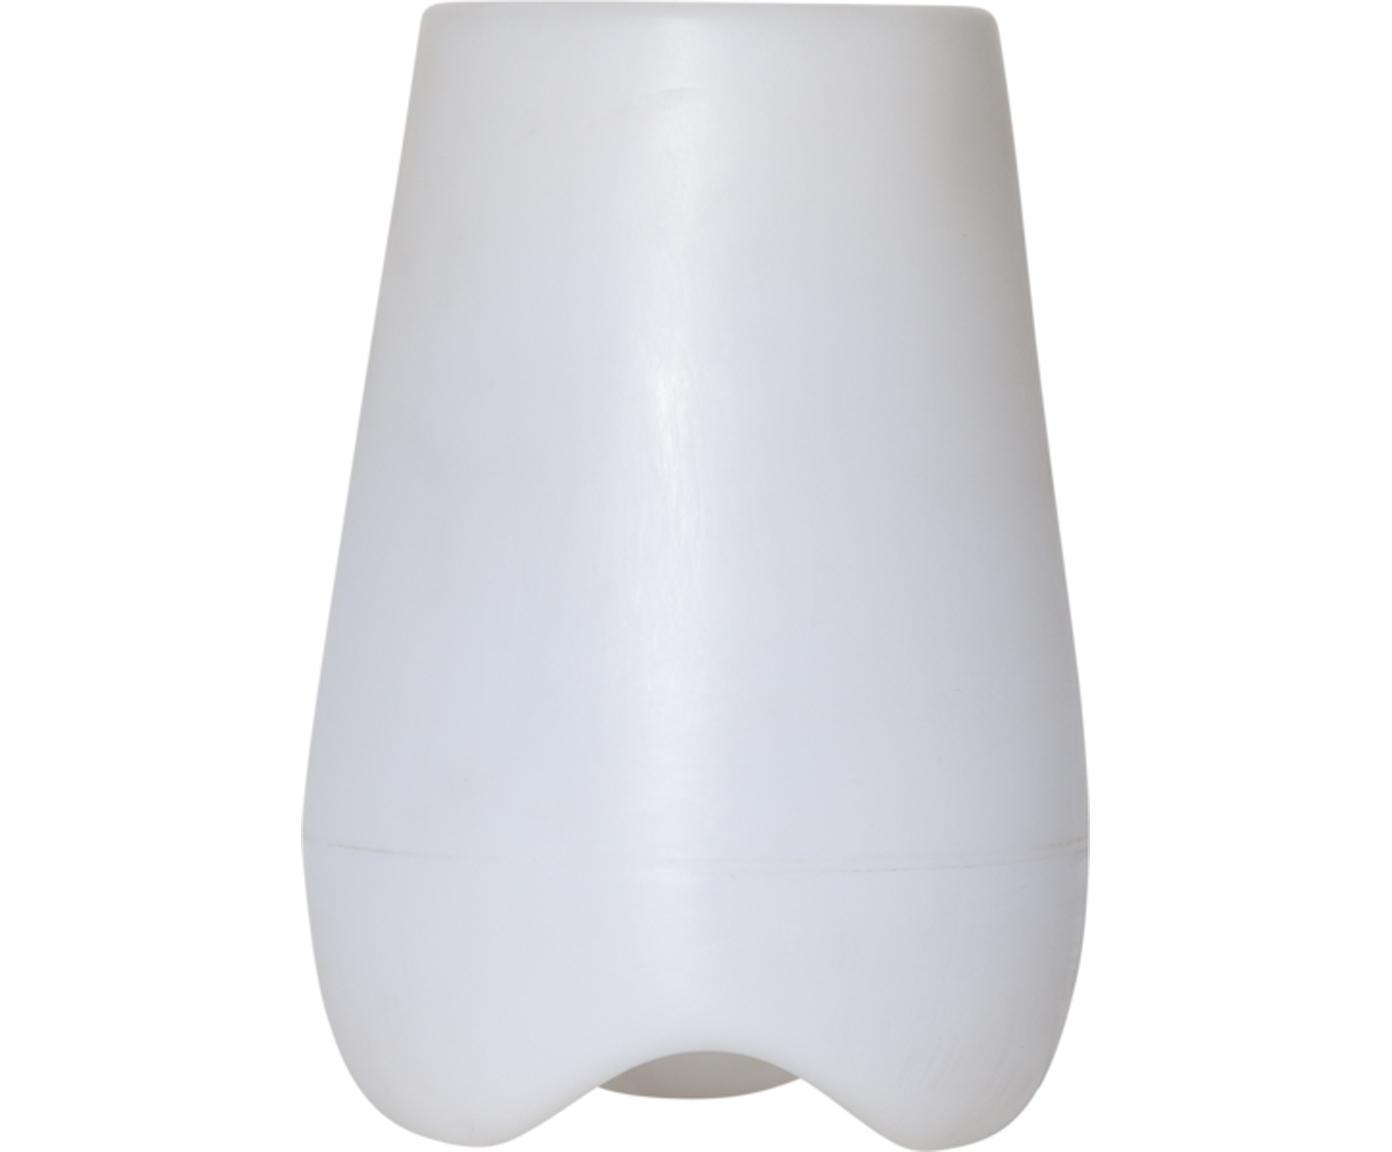 Outdoor LED lamp Twilights met plantenpot, Kunststof, Wit, Ø 28 x H 40 cm